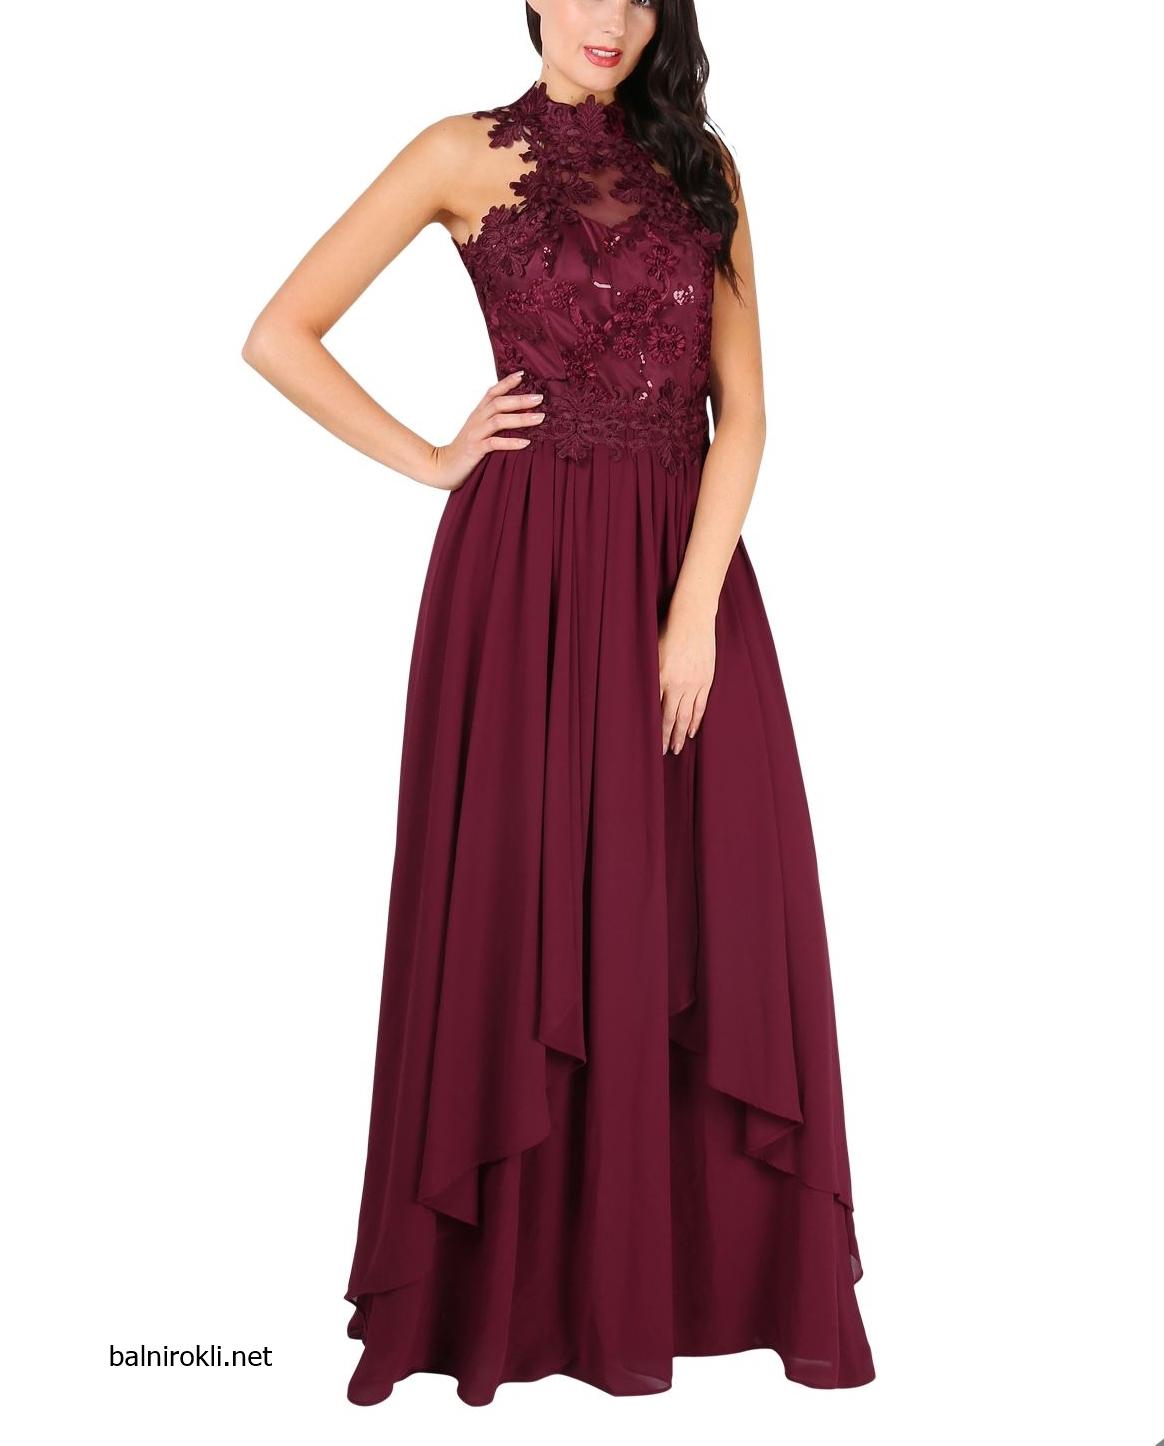 официална дълга рокля бордо